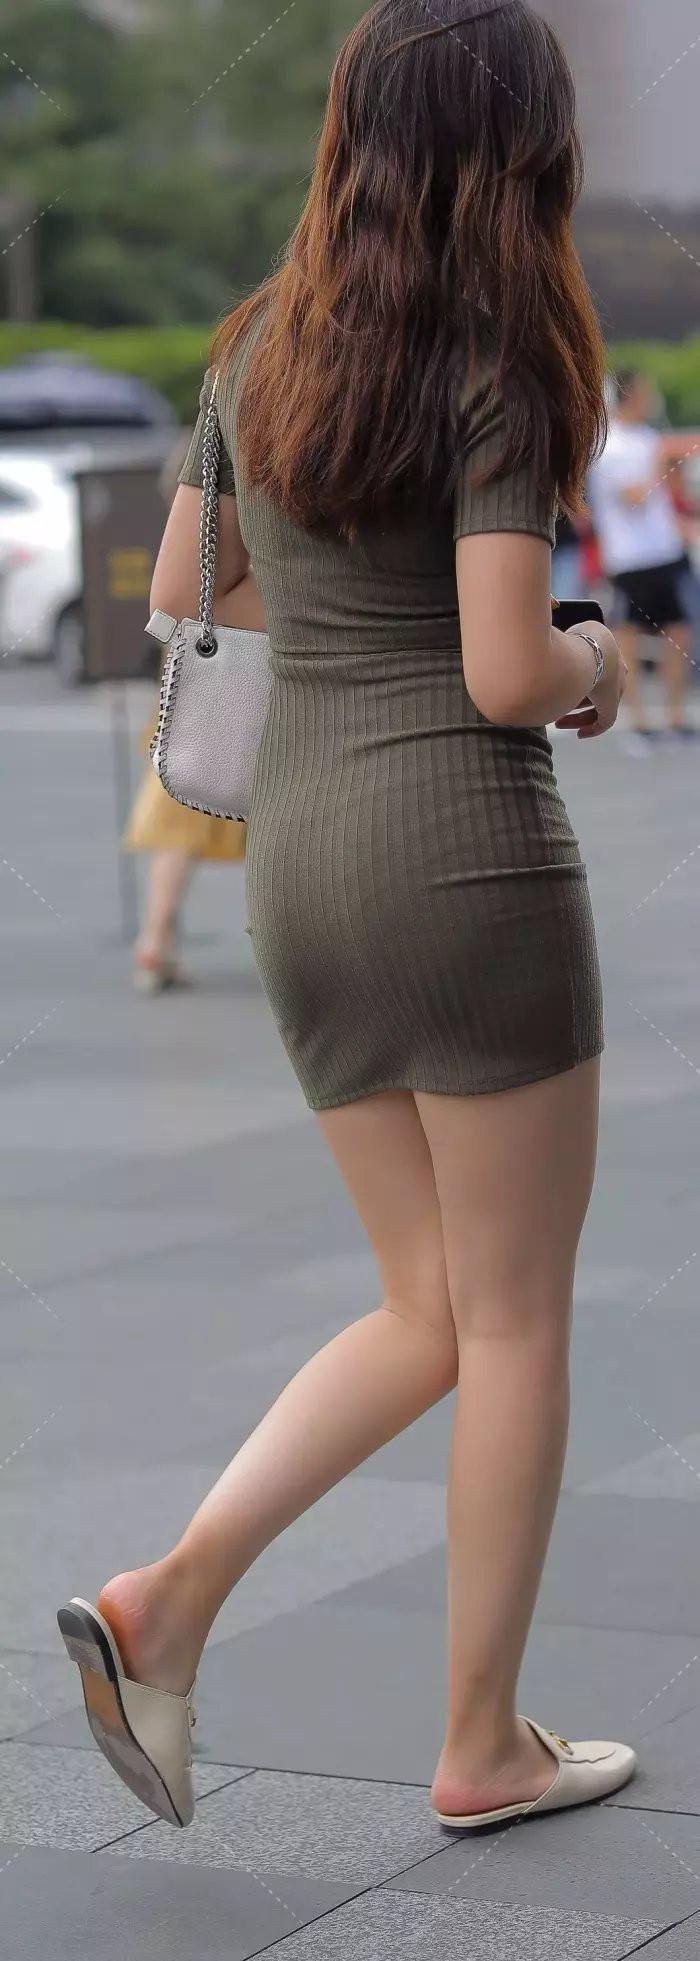 这件短裙会不会太落后,该选择配什么呢?